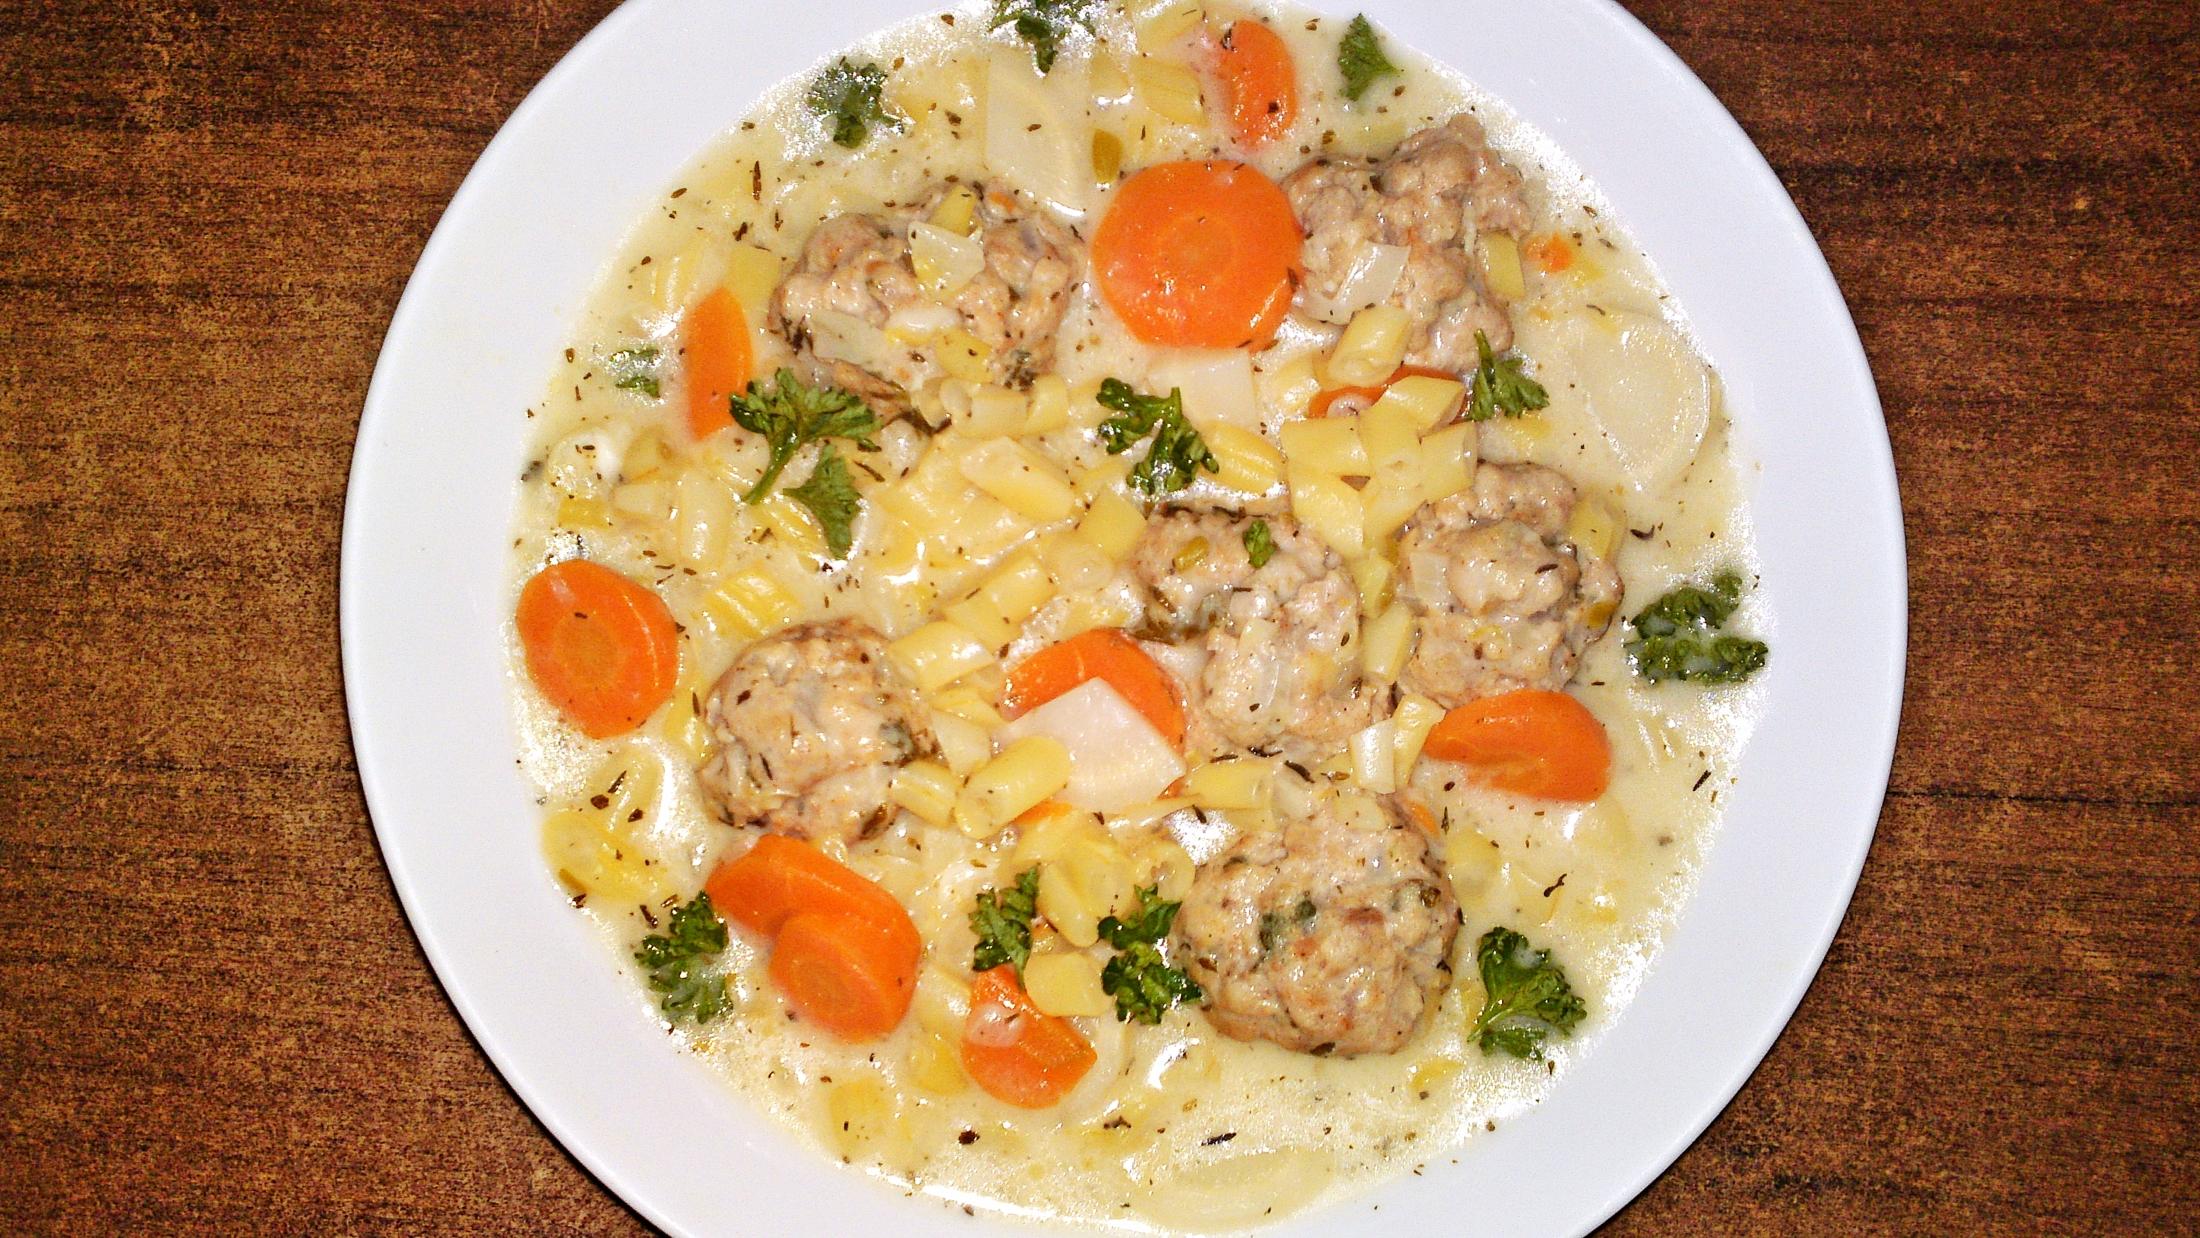 Recept Jogurtová polievka zo žltej maslovej fazuľky s knedličkami z jahňacieho mäsa - Polévku posypeme petrželovou natí.